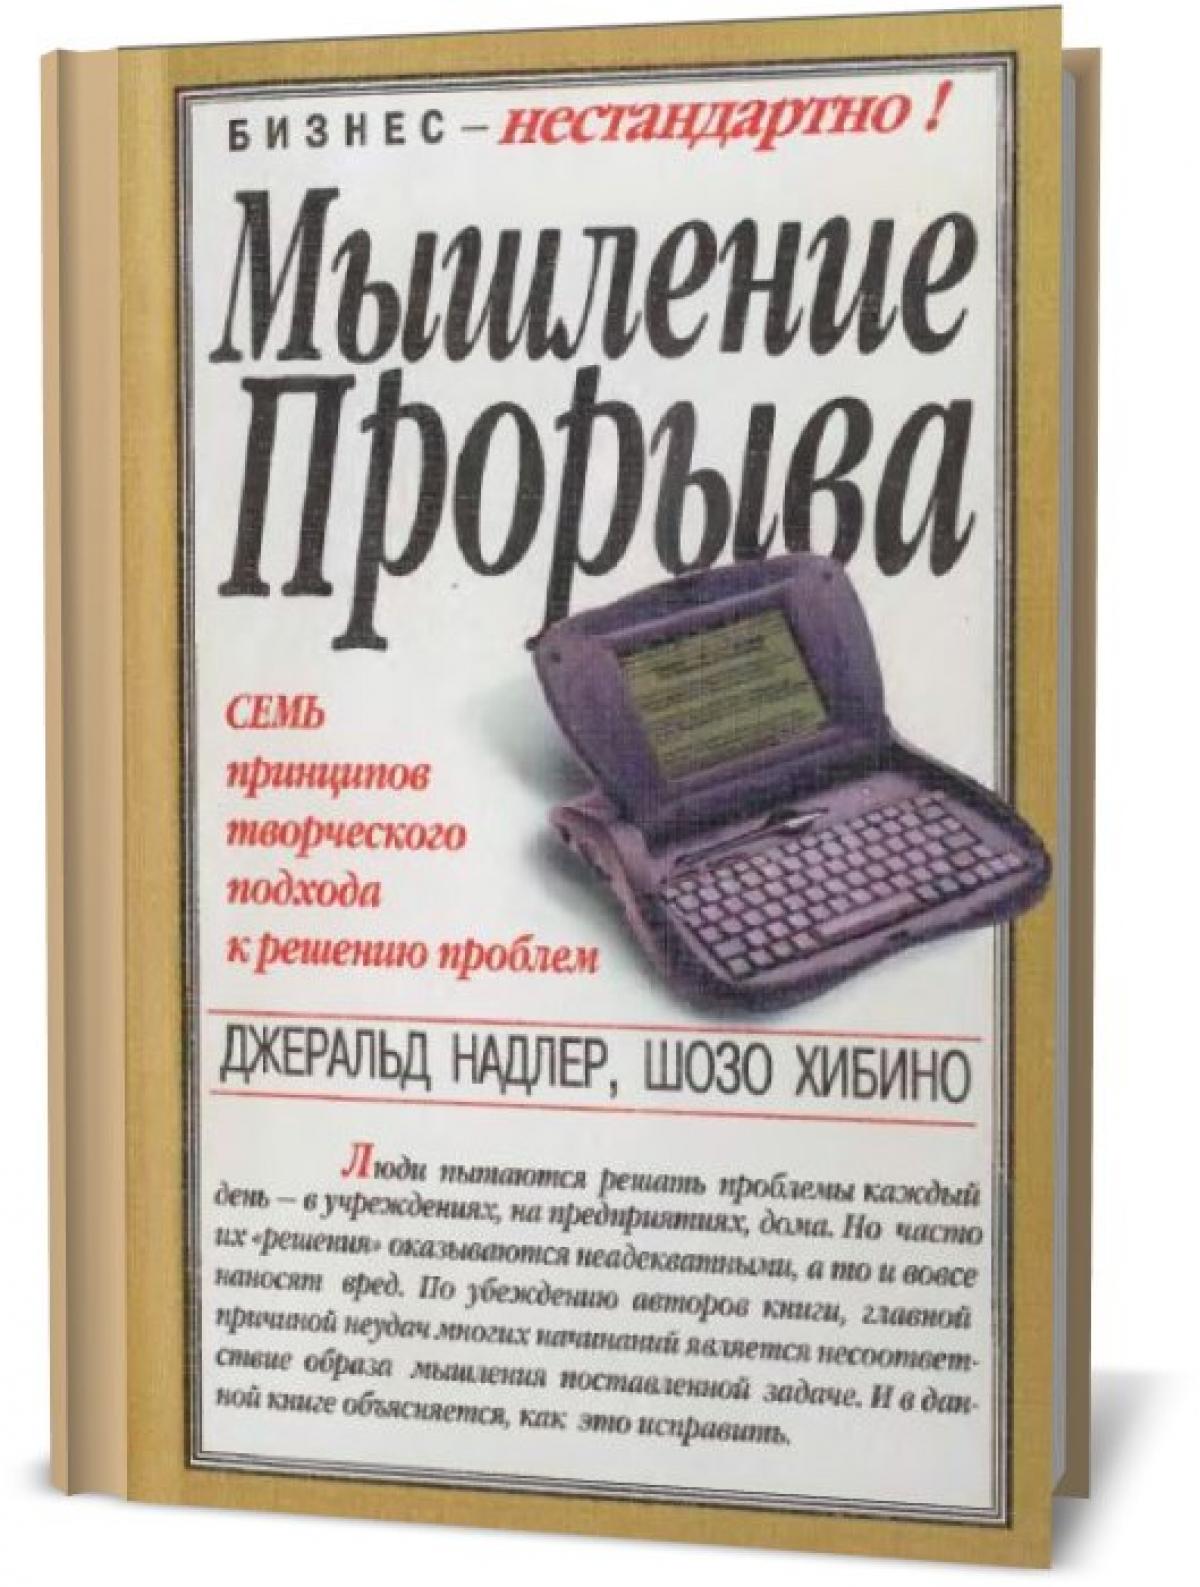 Обложка книги:  надлер д., хибино ш. - мышление прорыва